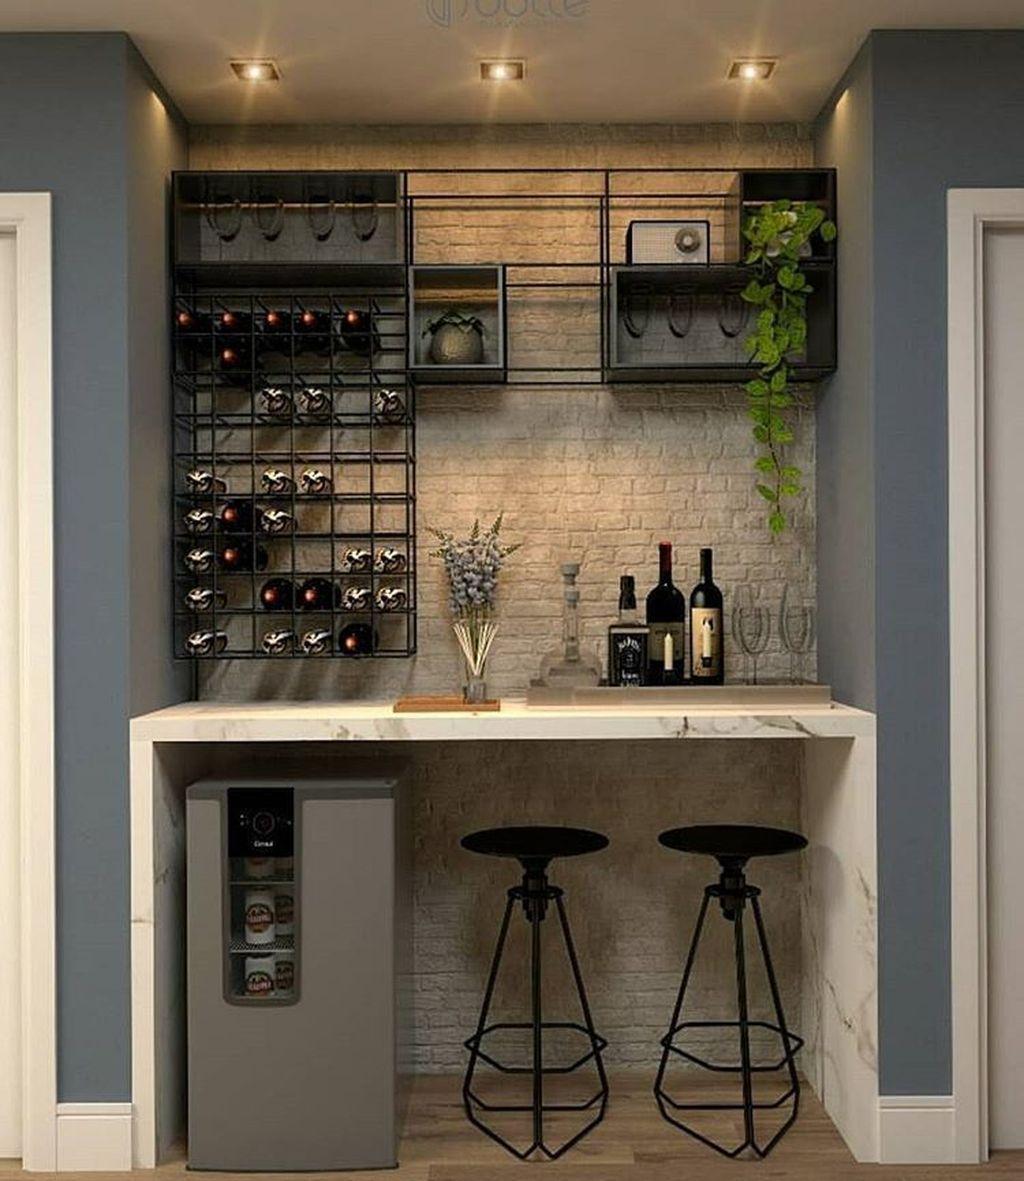 33 Popular Small Home Bar Design Ideas